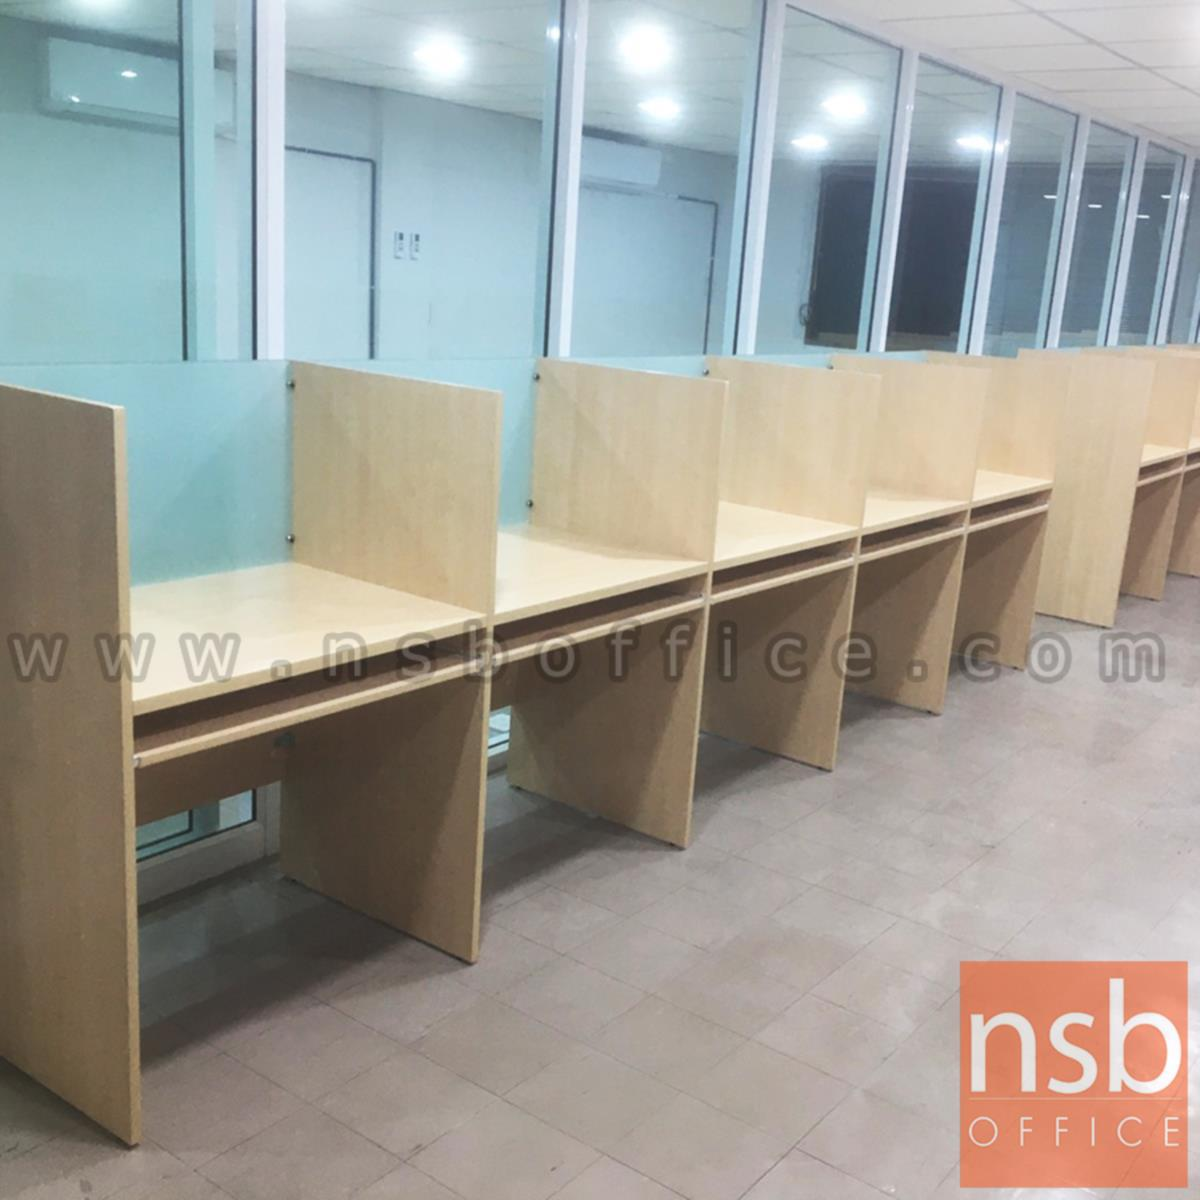 โต๊ะ call center แถวเรียงเดี่ยว   สำหรับ 2, 3, 4, 5 ที่นั่ง ขนาด 80W cm. ต่อที่นั่ง